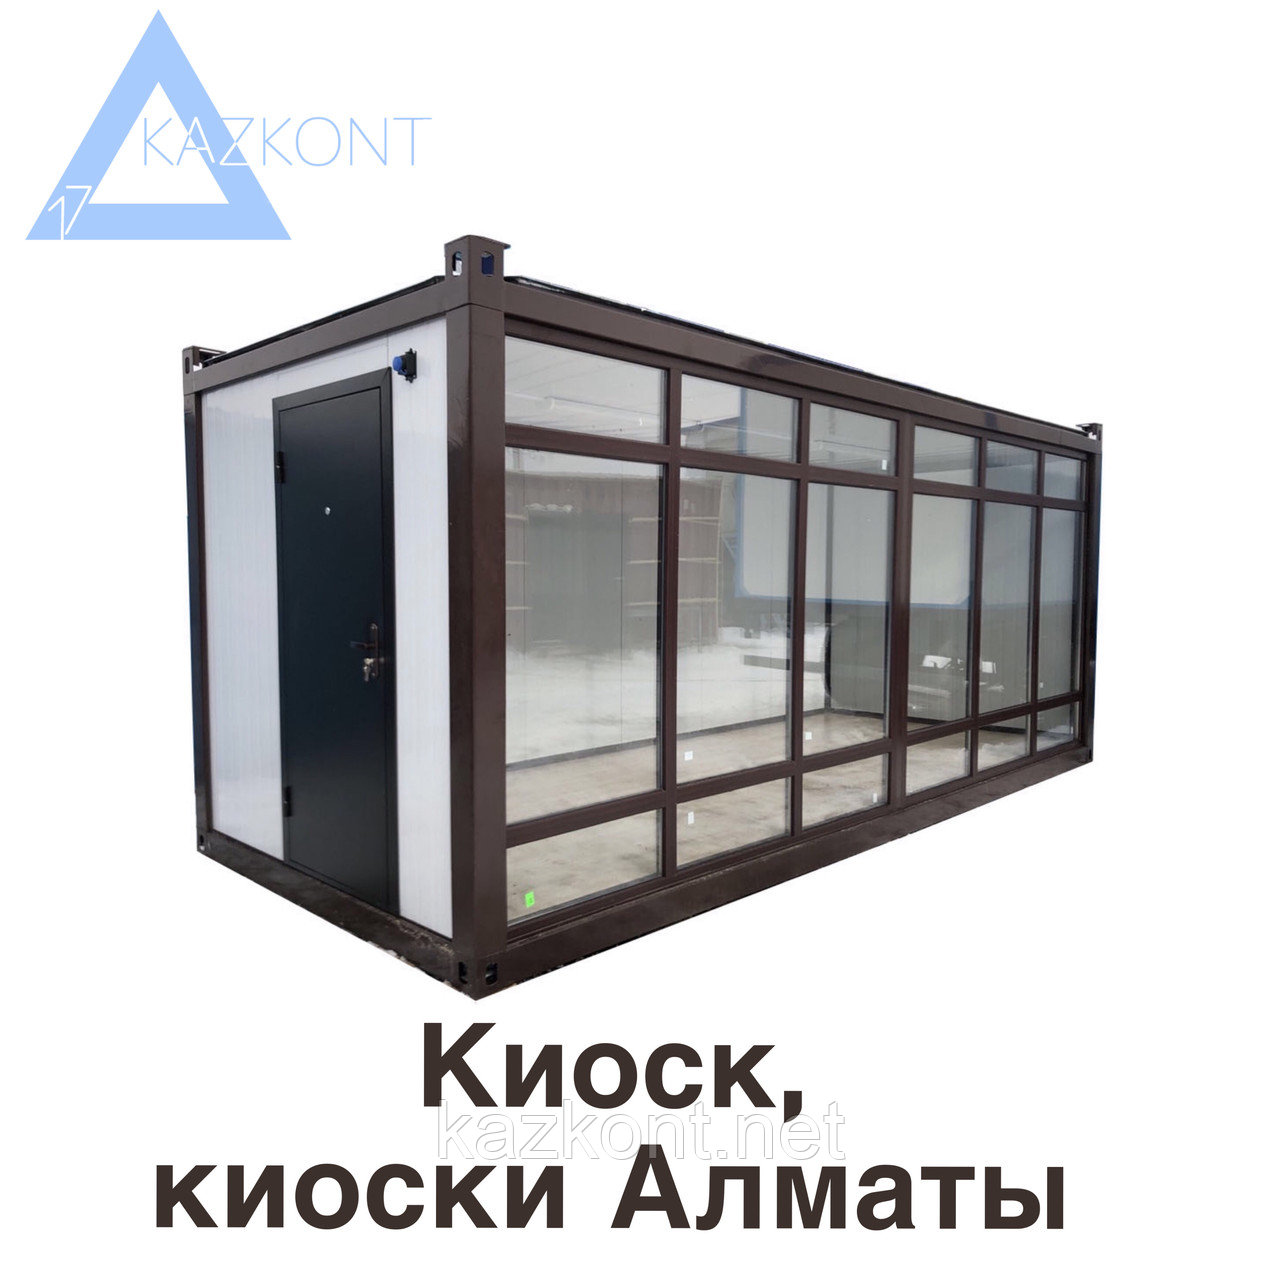 Киоск, Киоски в Алматы!